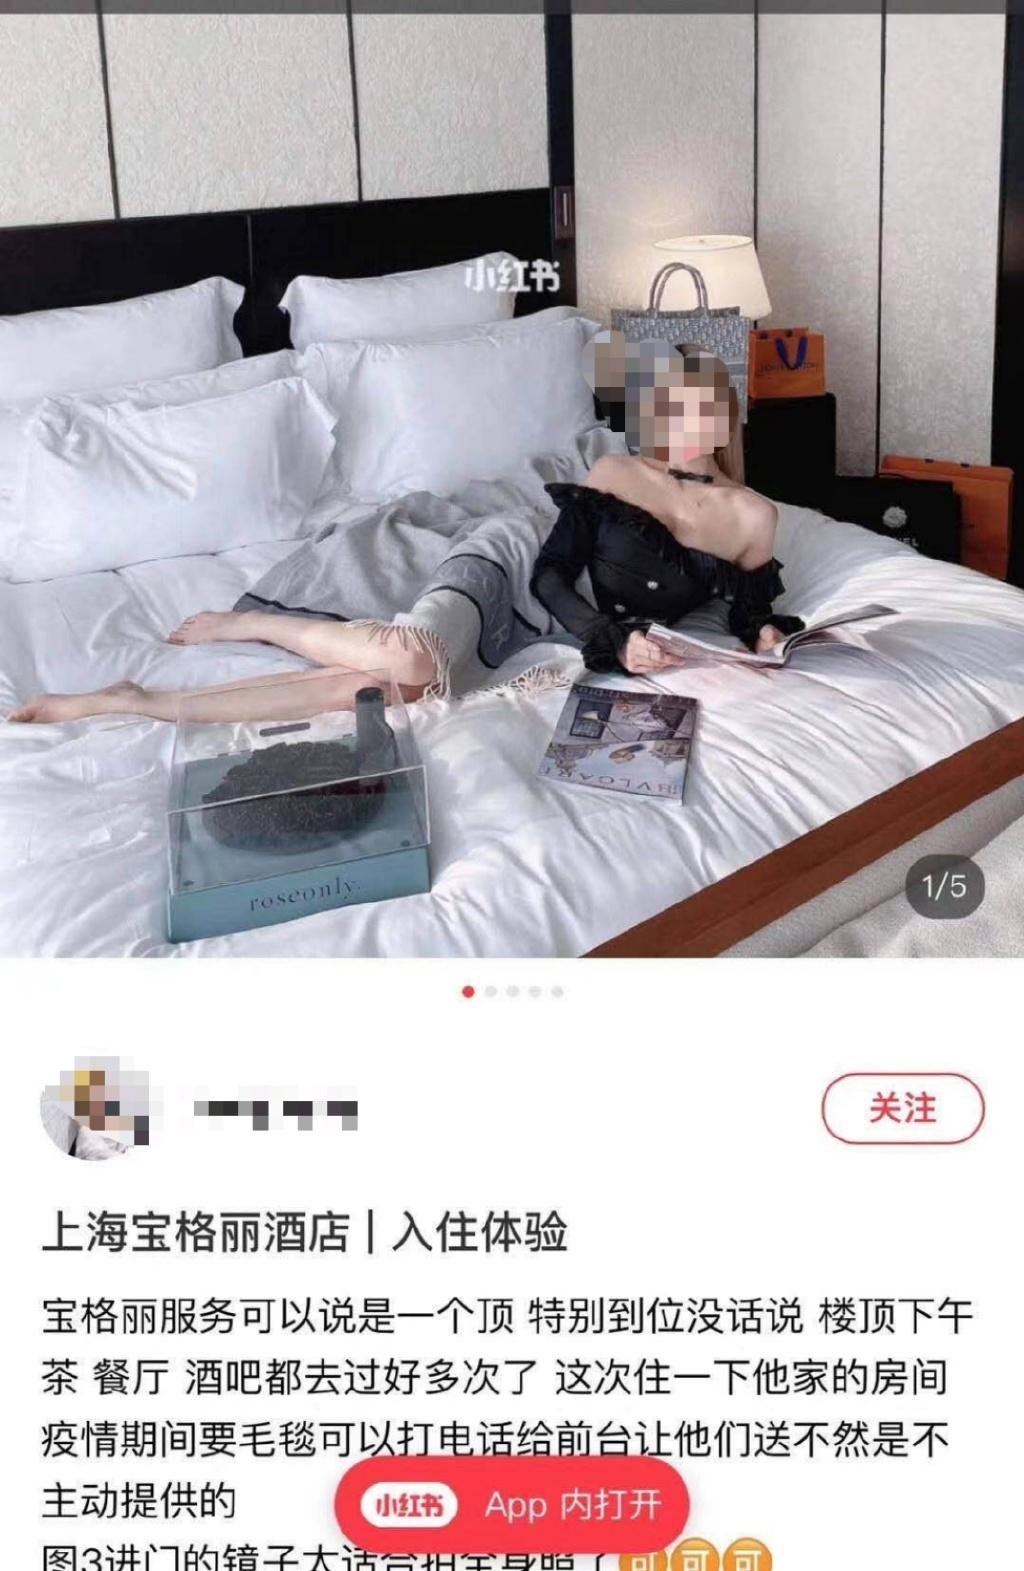 继上海名媛群后 男版名媛也被扒出来了